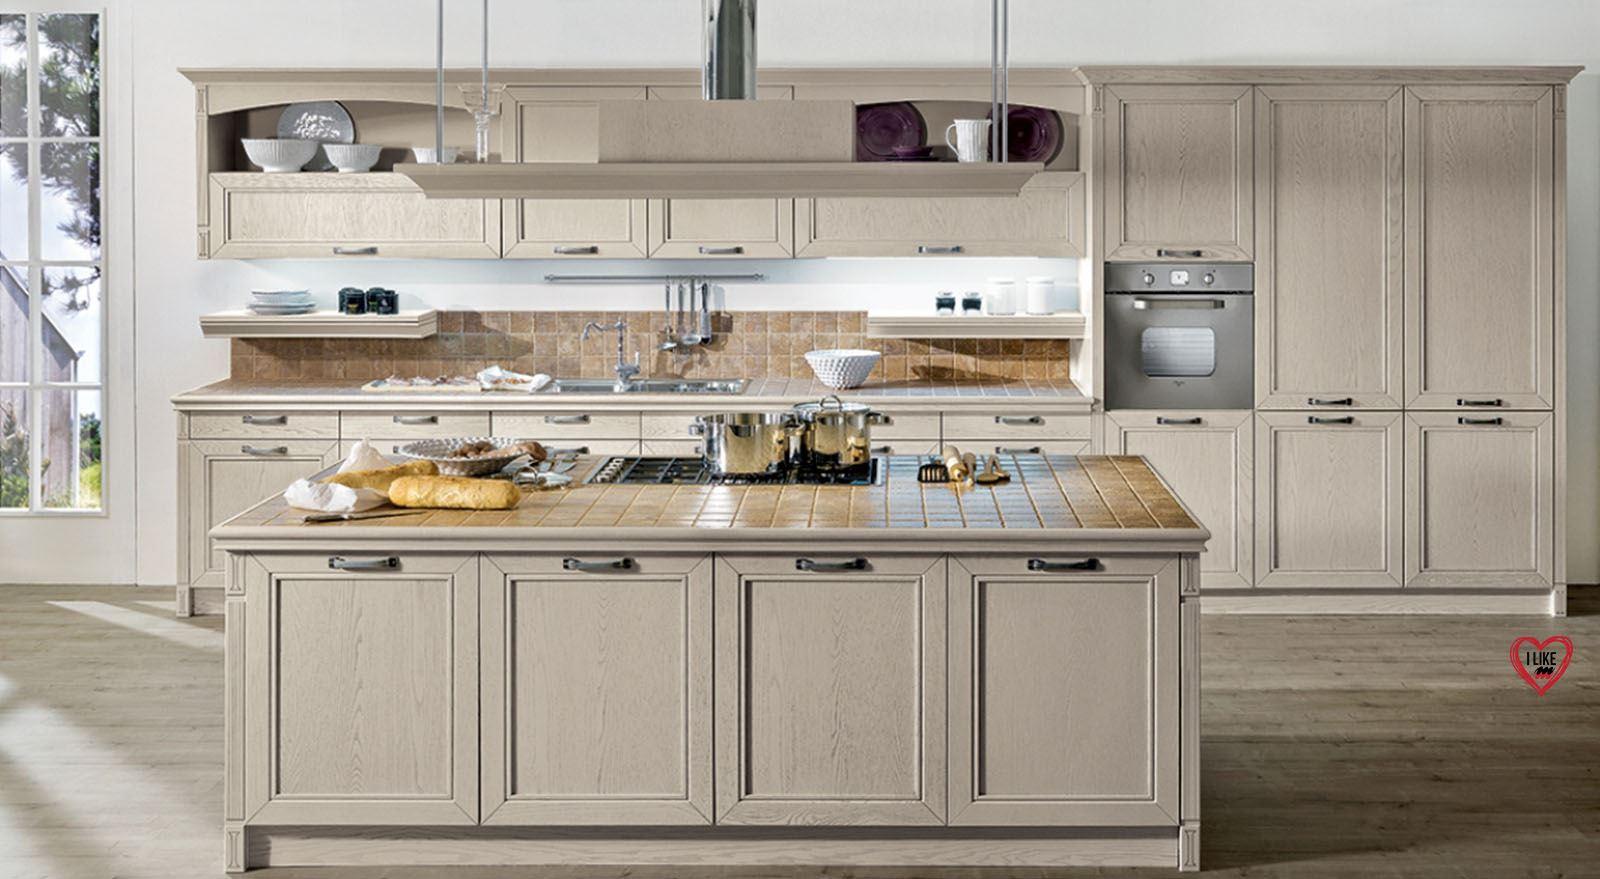 Vendita di cucine classiche a padova cucine eleganti e in - Cucine in muratura con isola ...